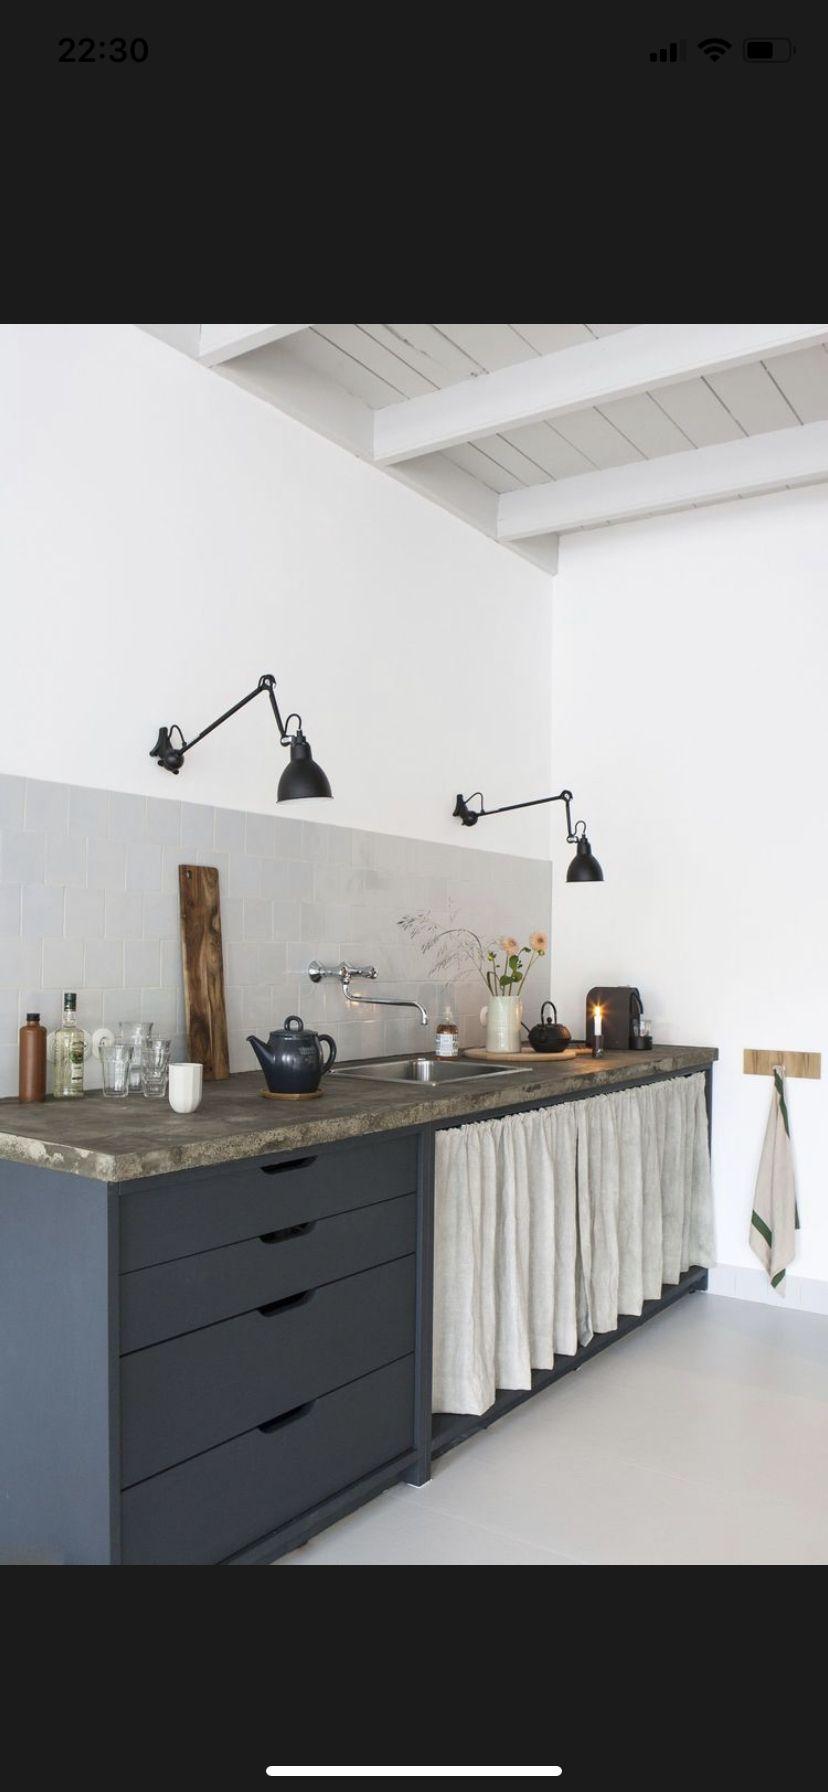 Cuisine Ibiza Interieur Moderne De Cuisine Architecte Interieur Amenagement Cuisine